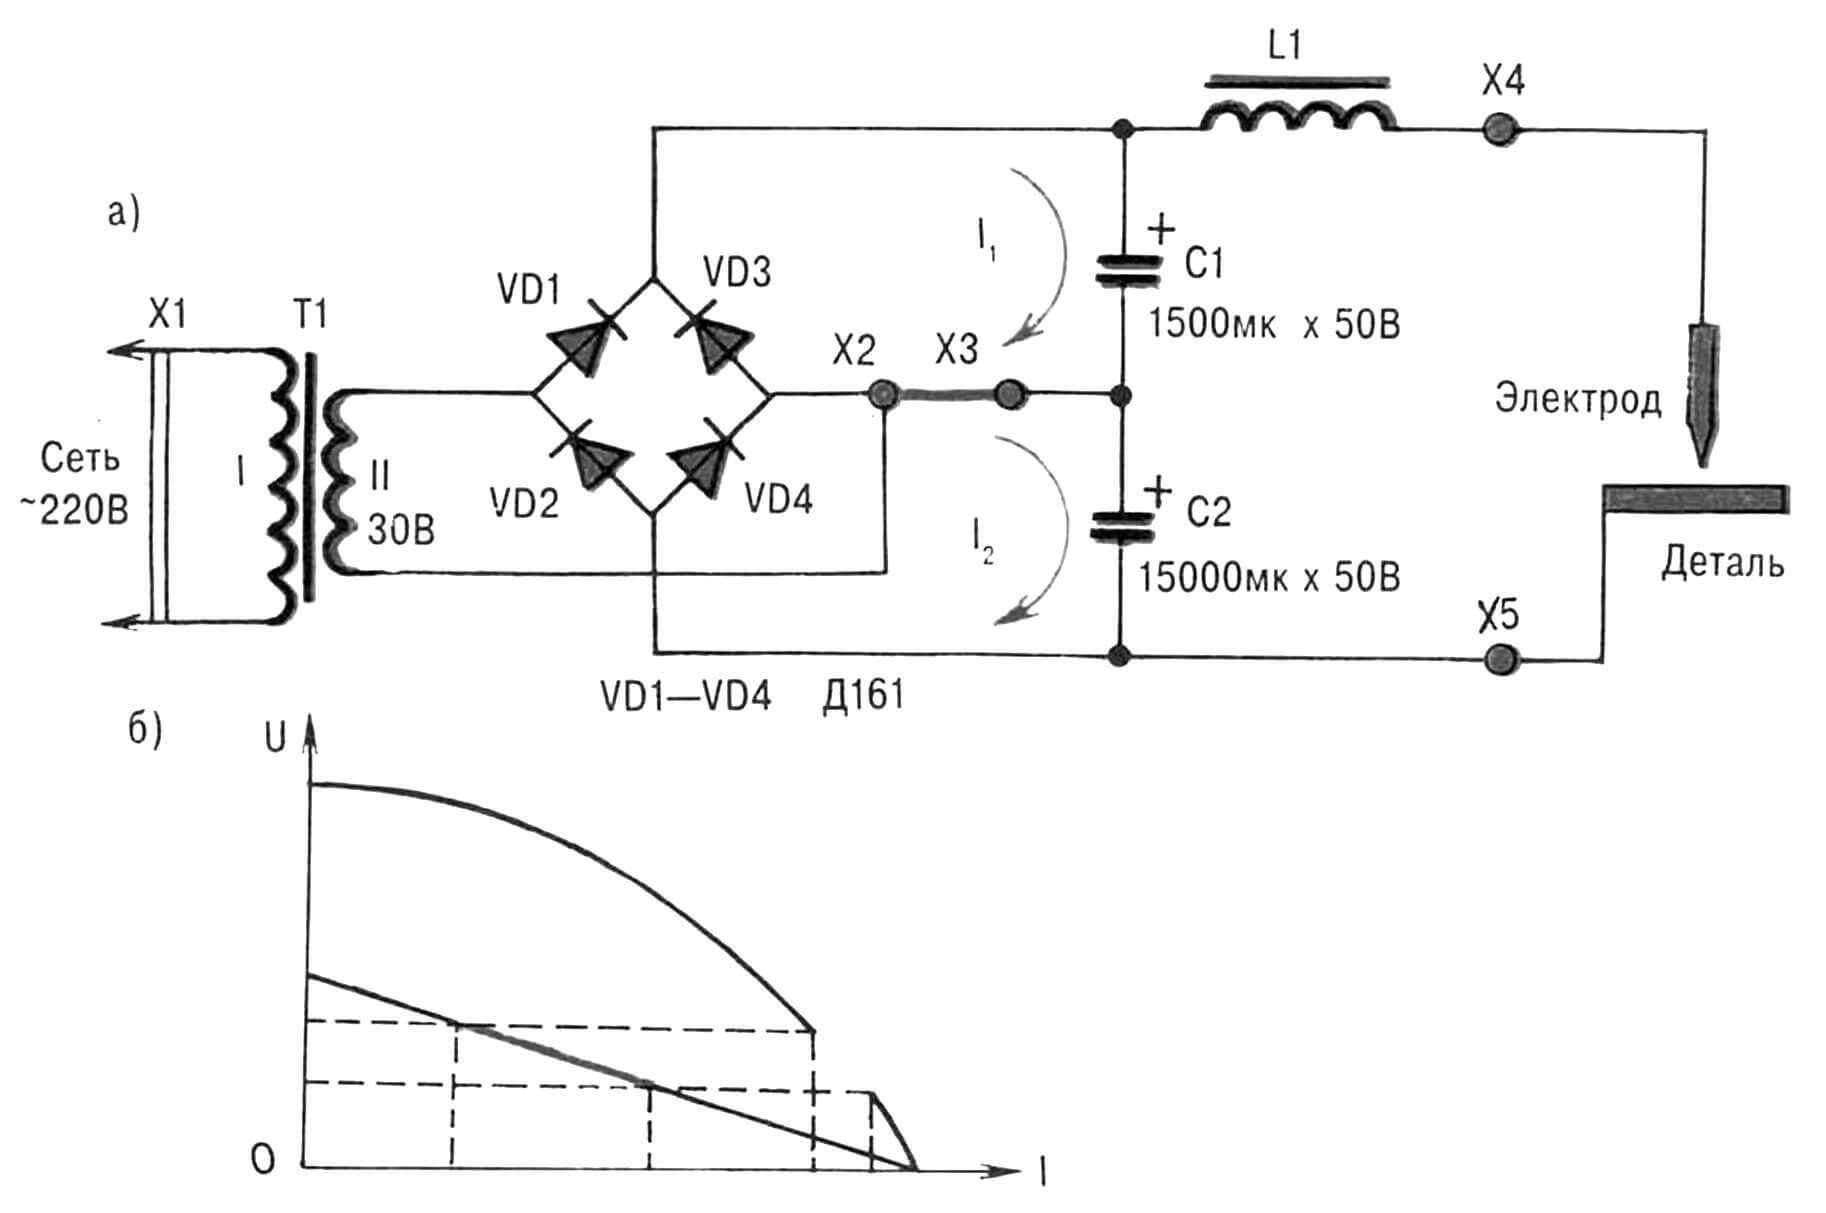 Принципиальная электрическая схема (а) и вольт-амперные характеристики (б) самодельного аппарата для сварки на постоянном токе.